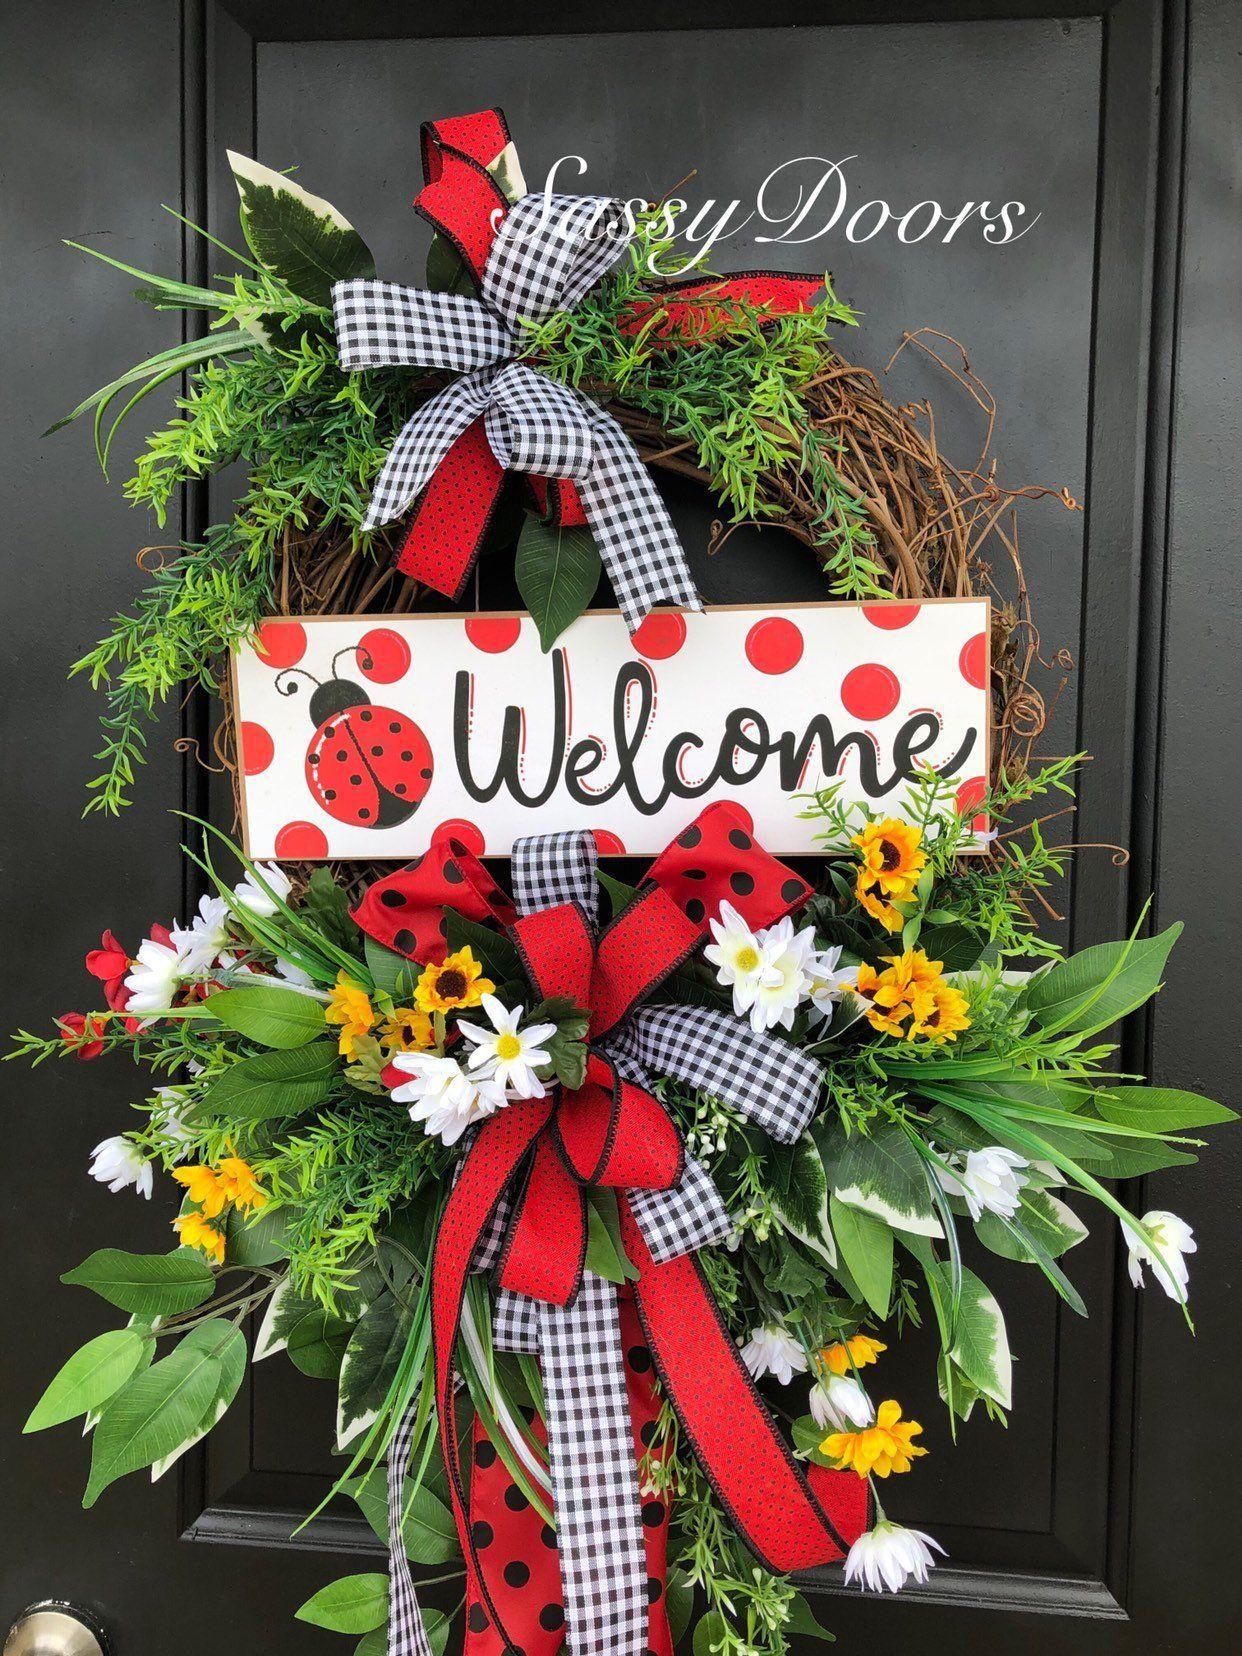 Photo of Lady Bug Wreath , Farmhouse Decor, SummerWreath, Sunflower Wreath,Sassy Doors Wreath,Grapevine Wreath, Front Door Wreath, Welcome Wreath